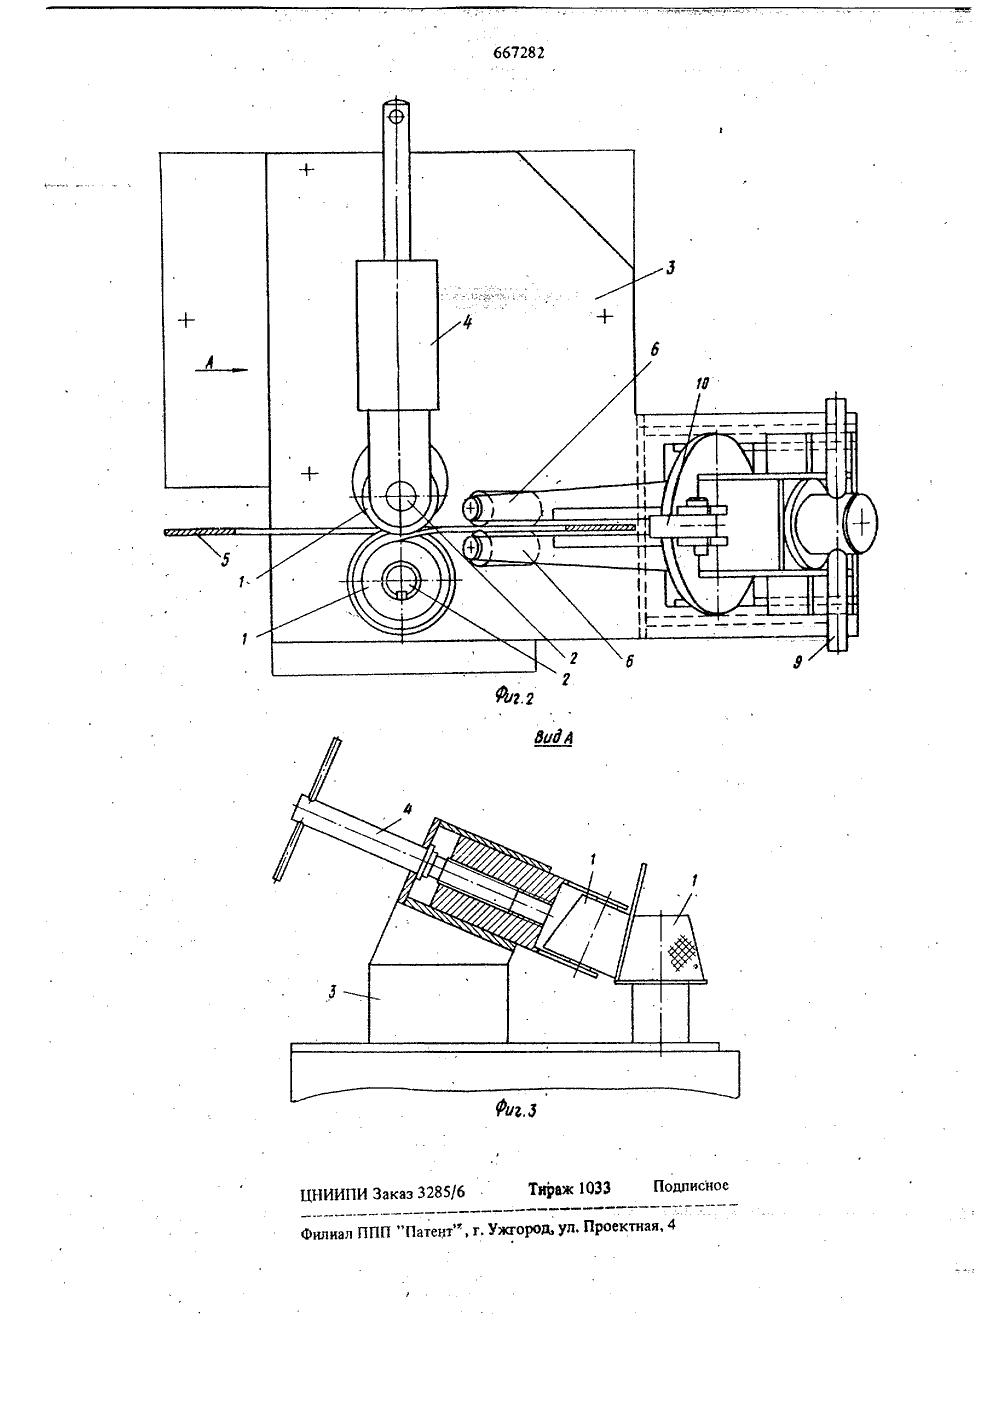 оснастка для штамповки витка шнека